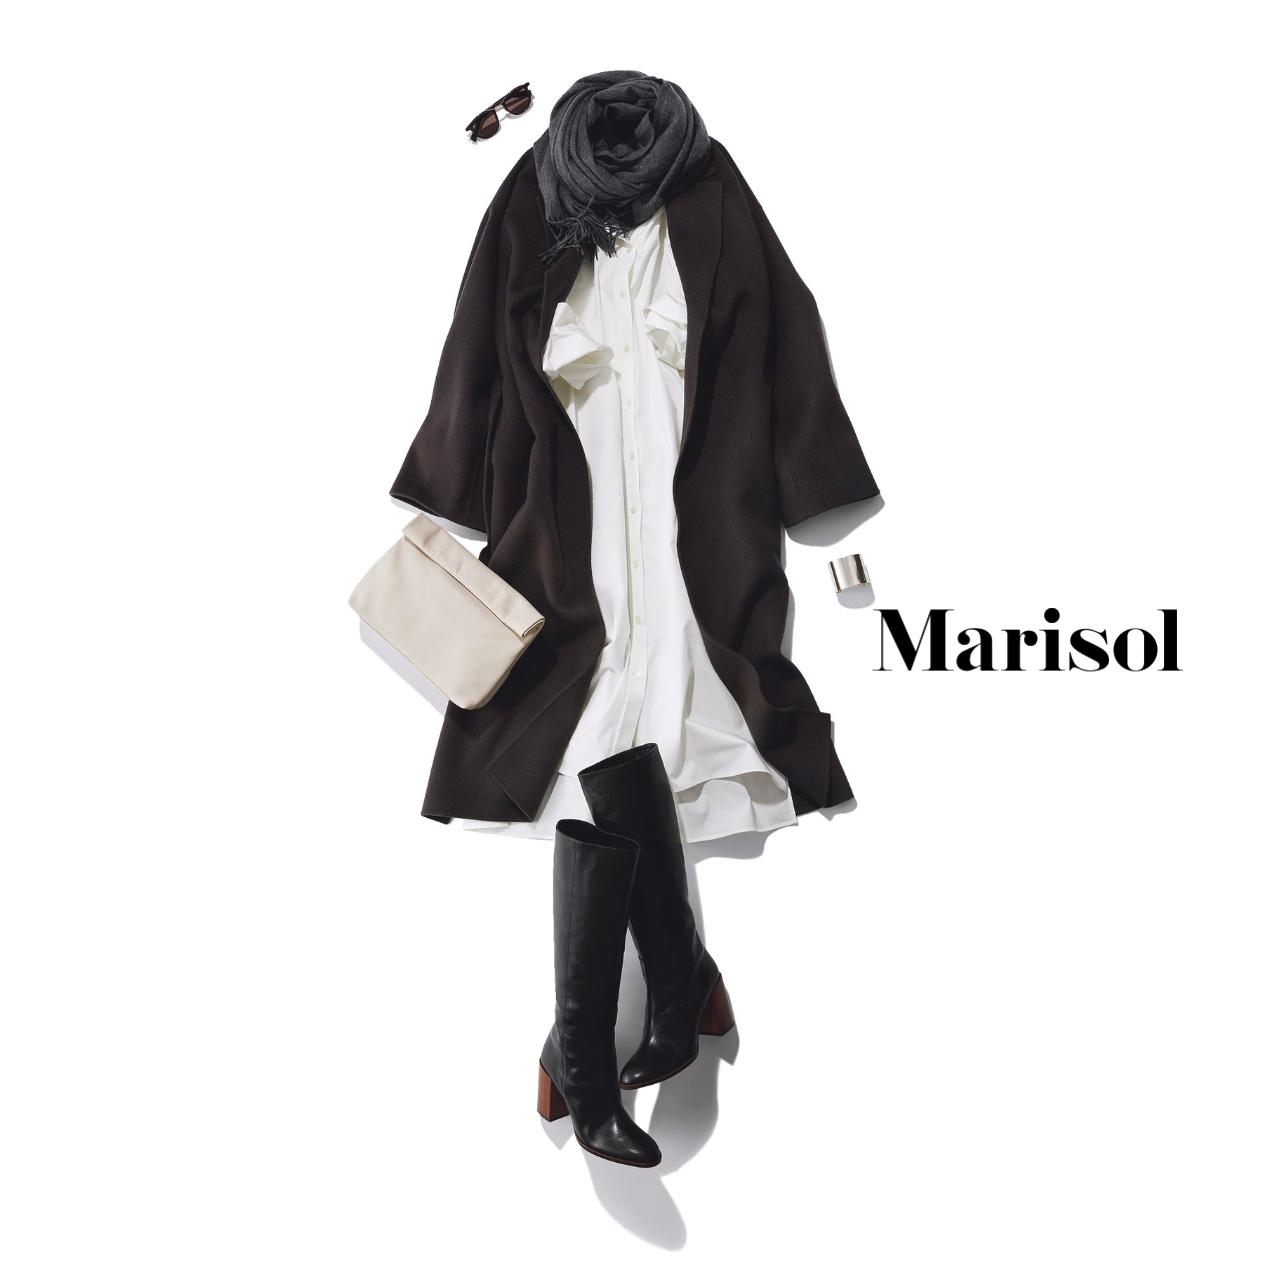 40代ファッション 白シャツワンピース×グレーコート×ロングブーツコーデ